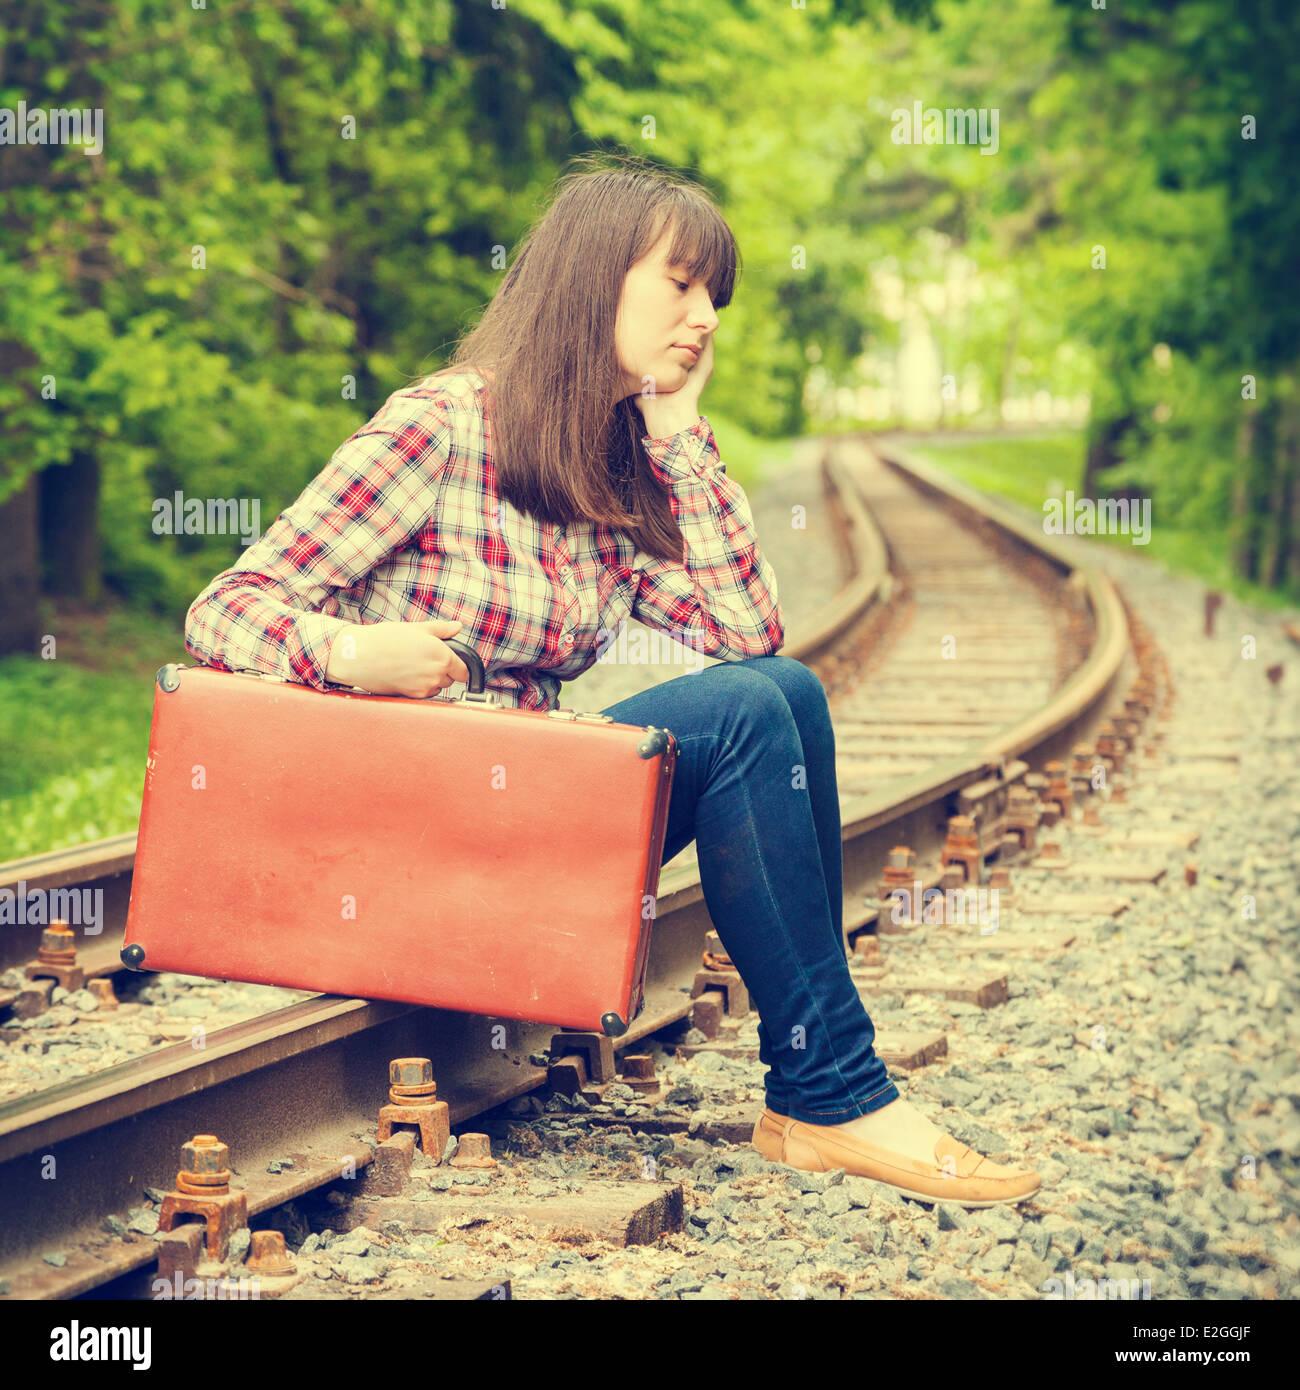 Jeune adolescent triste fille avec valise assis sur les rails Photo Stock